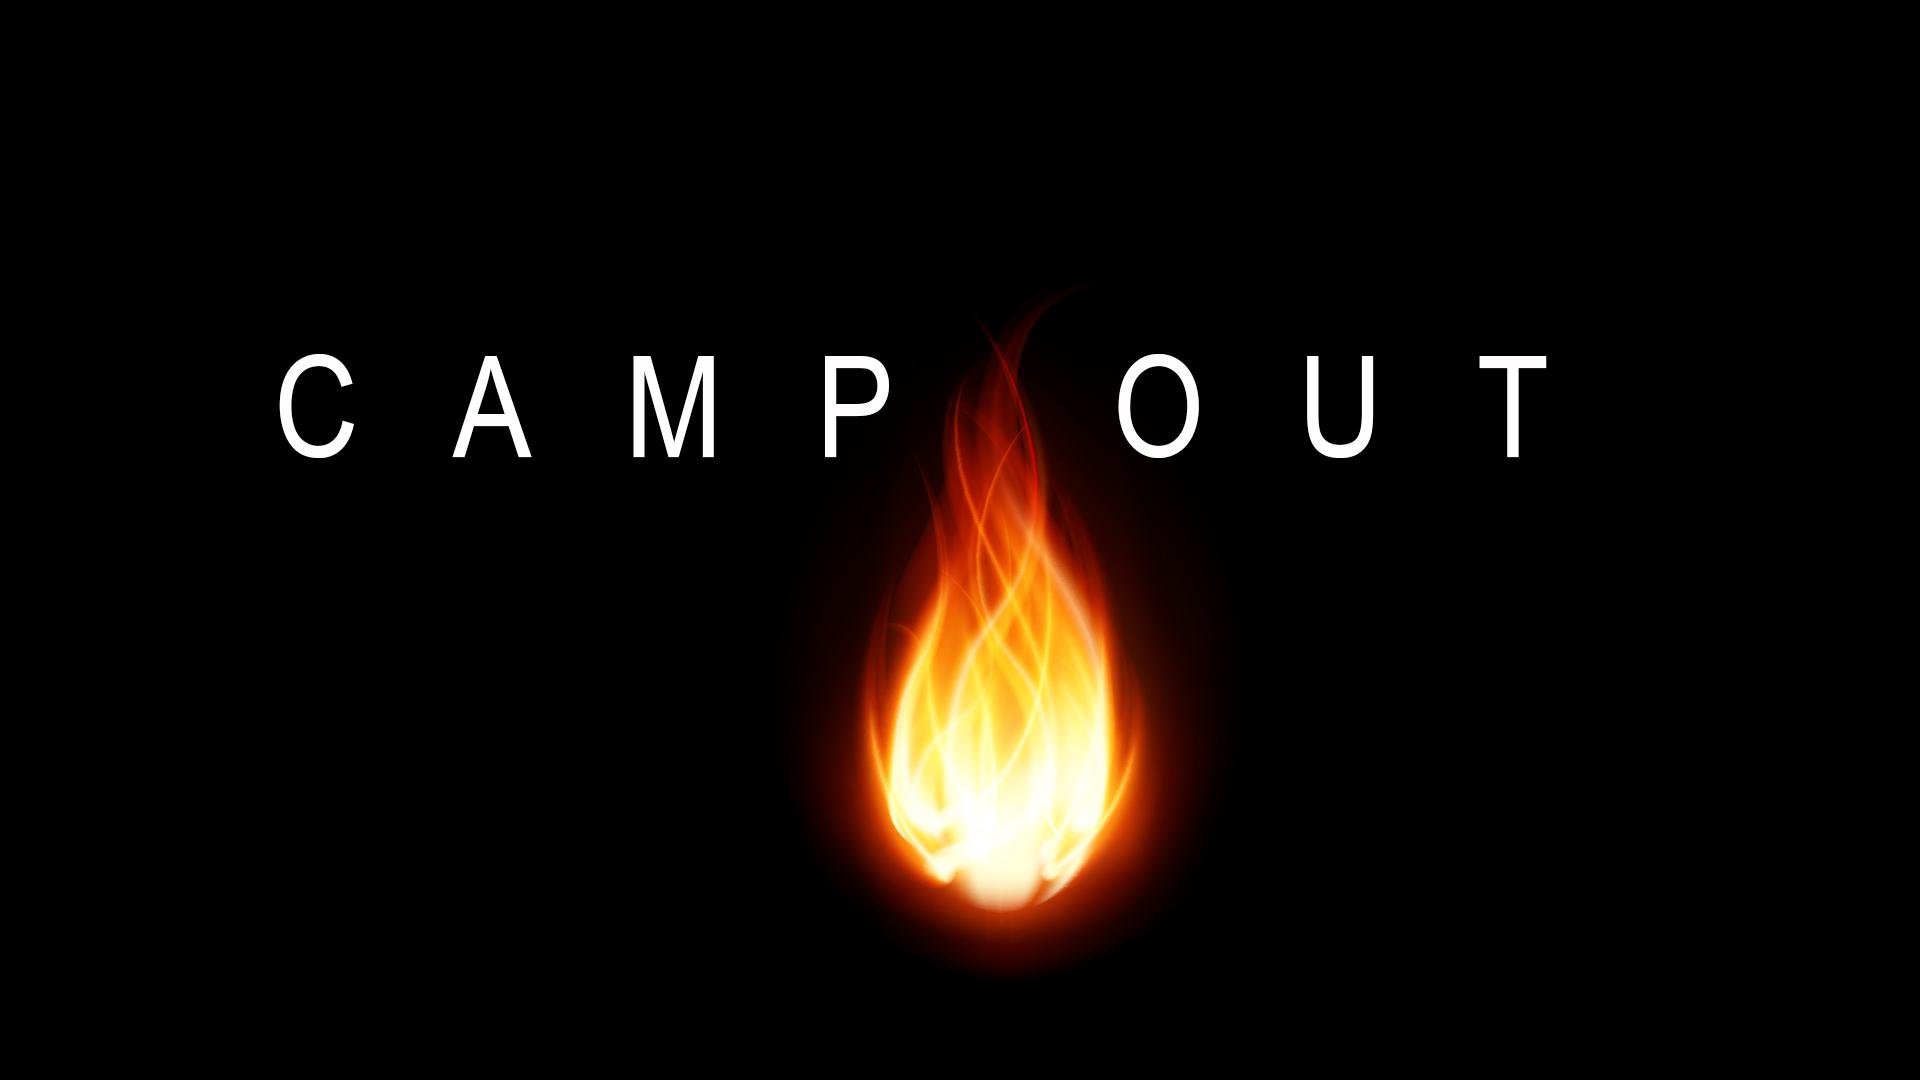 CampOut_Black